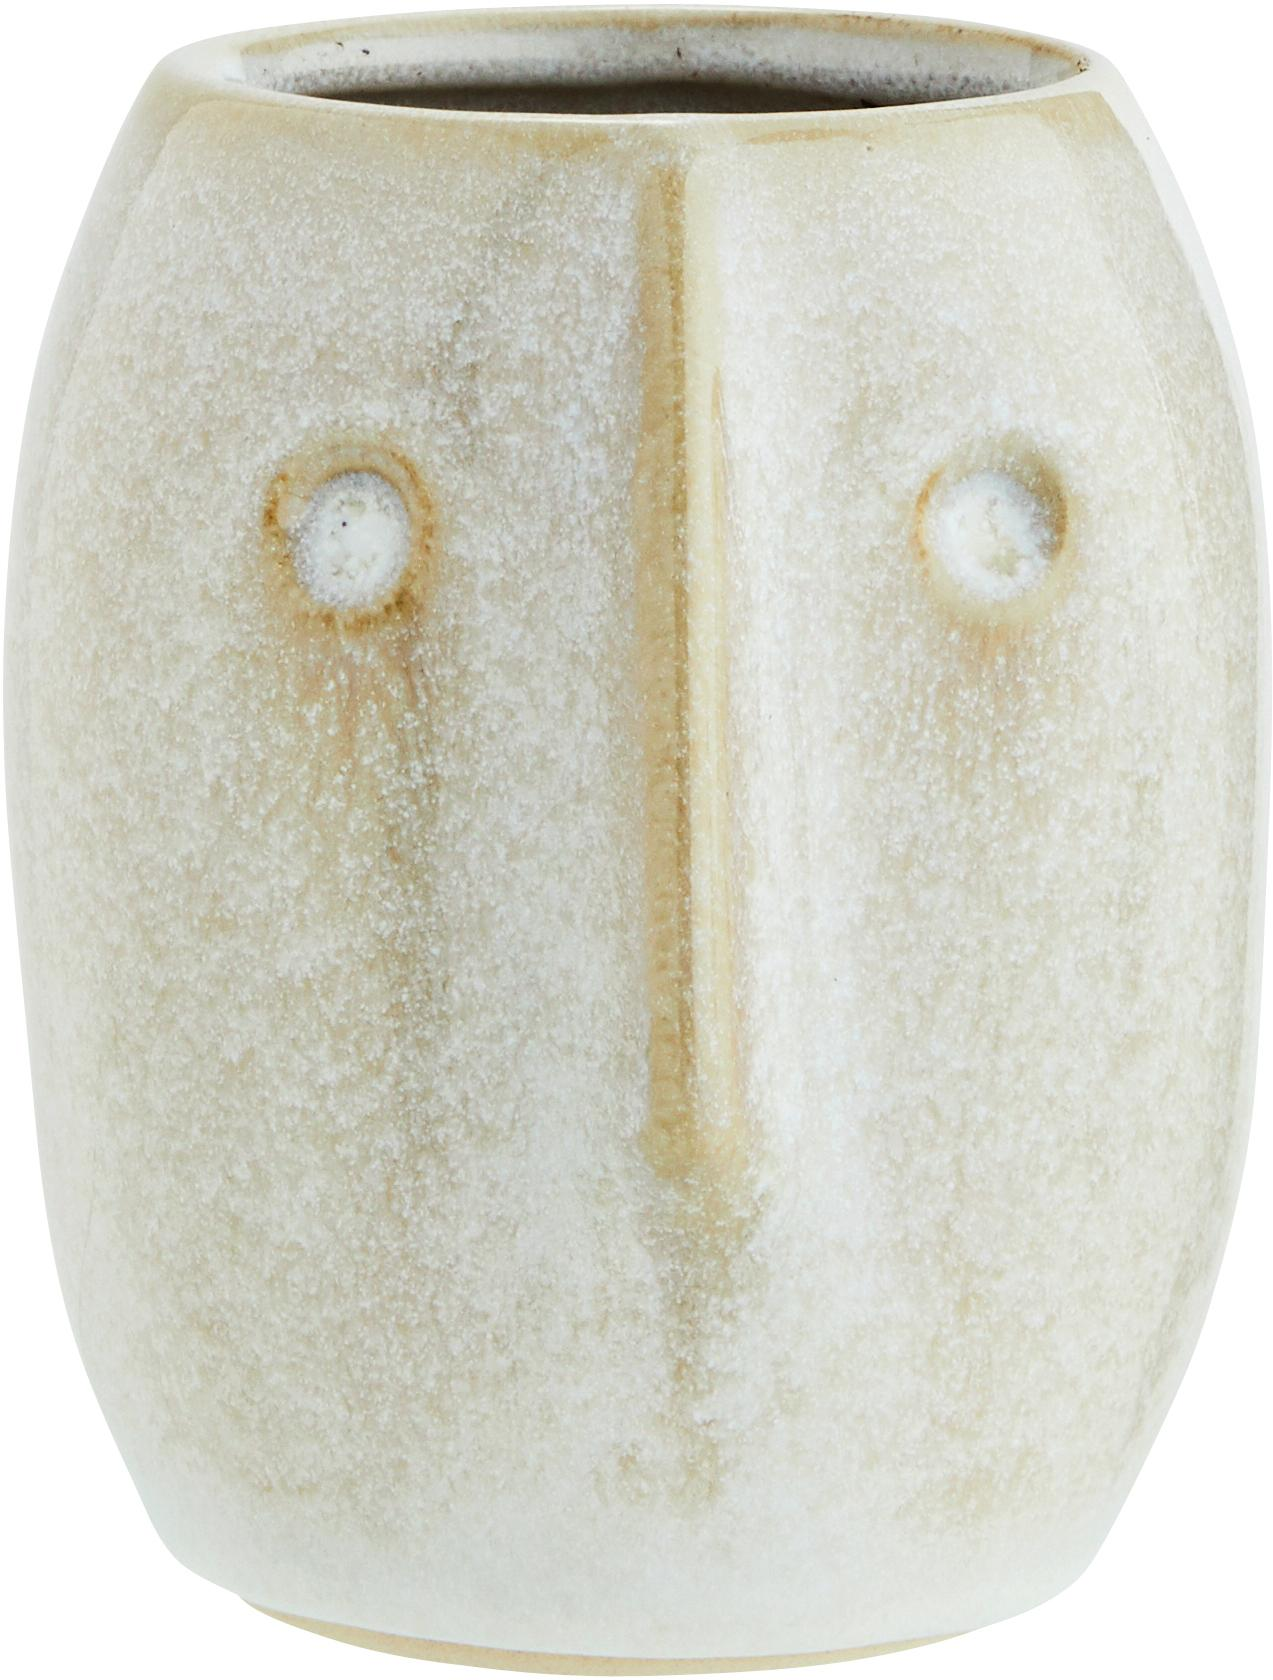 Übertopf Face, Steingut, Weiß, Beige, Ø 8 x H 10 cm